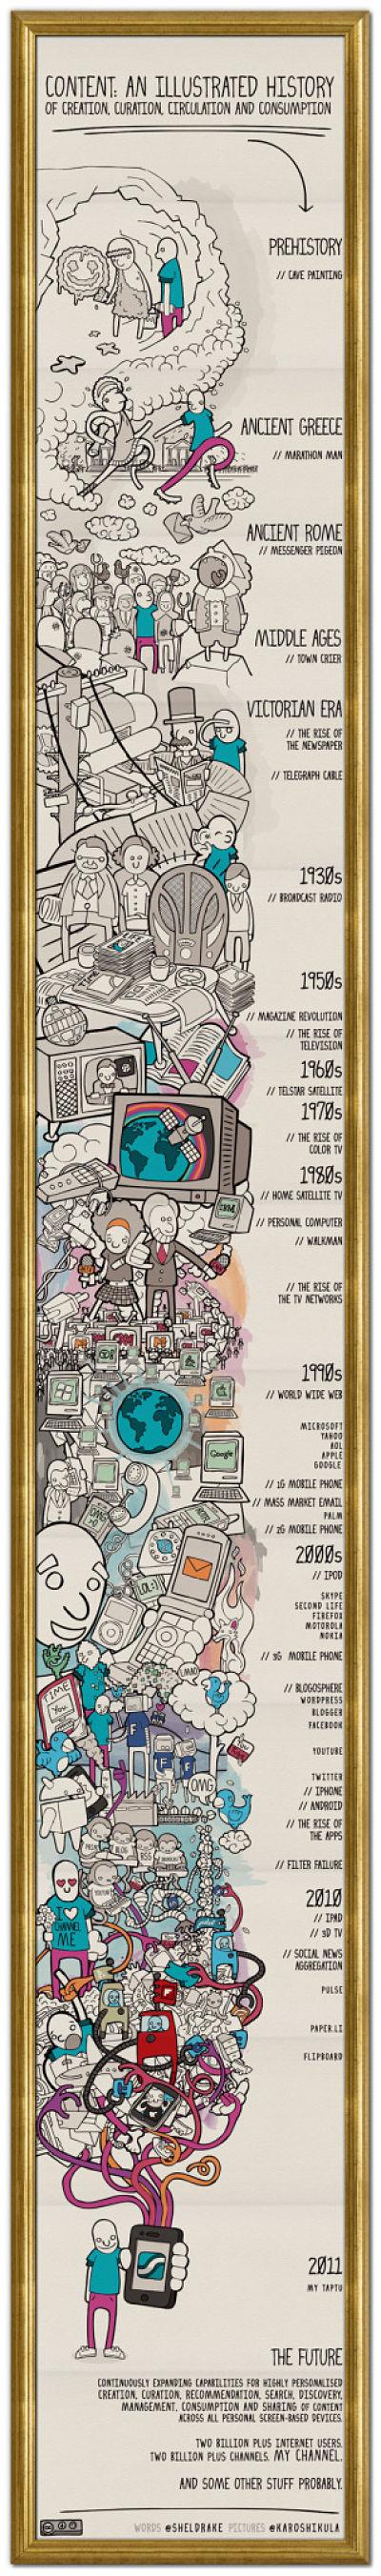 Actualidad informática. Infografía historia de la comunicacion. Rafael Barzanallana